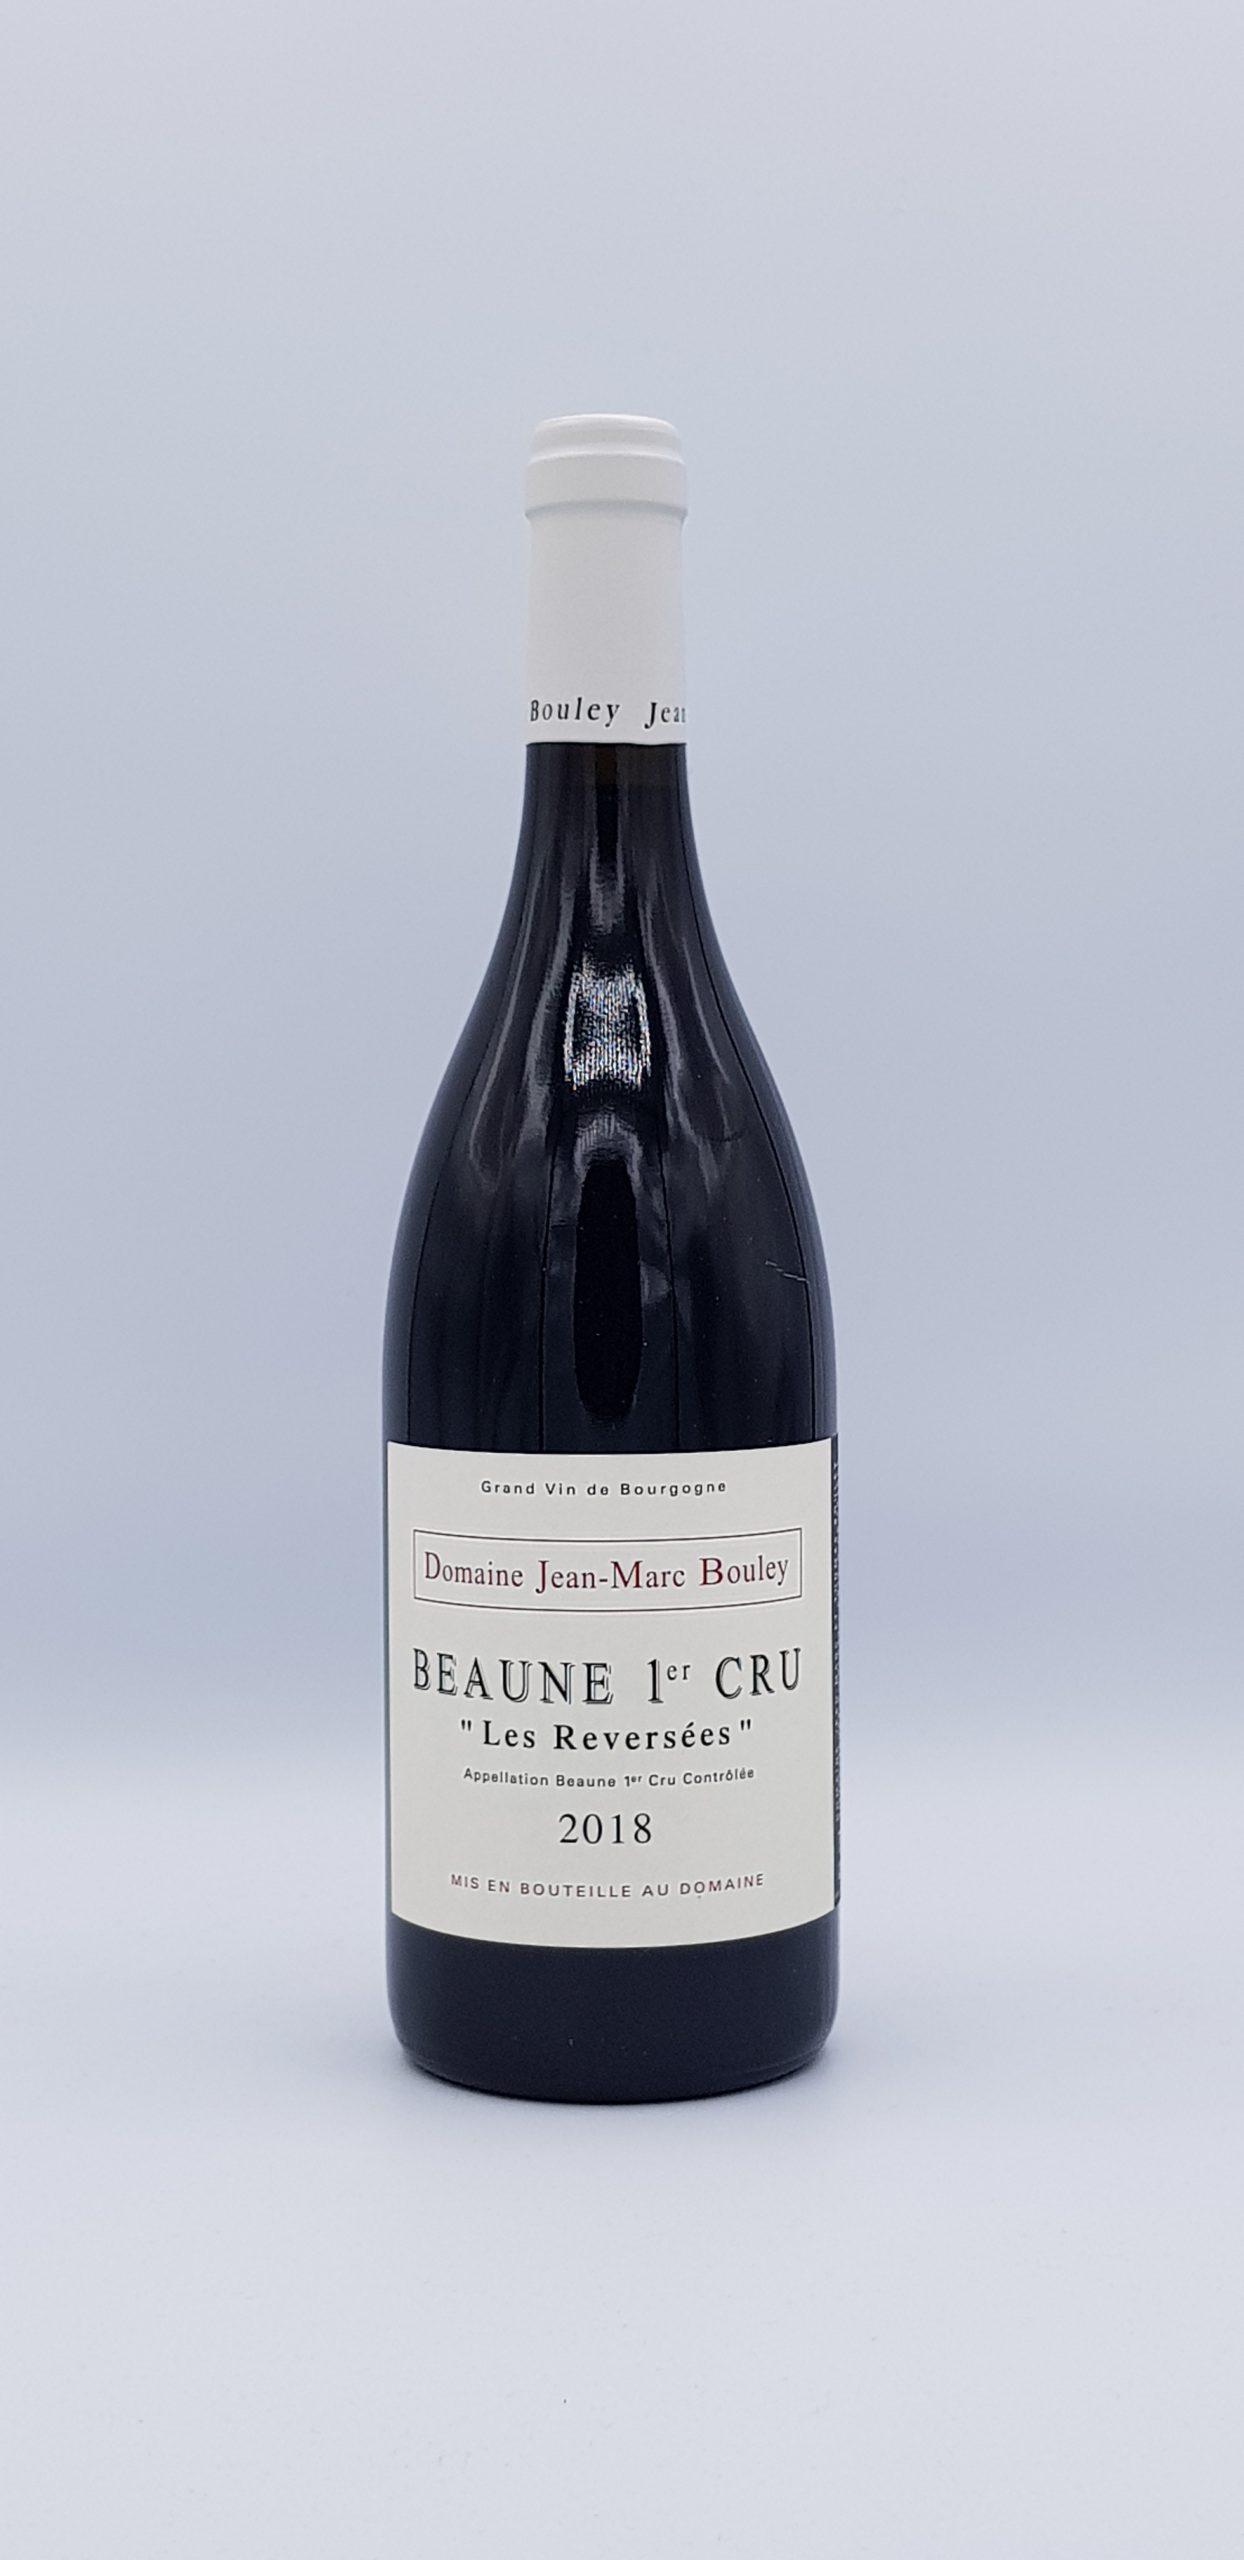 """Beaune 1er cru """"Les Réservées"""" 2018"""